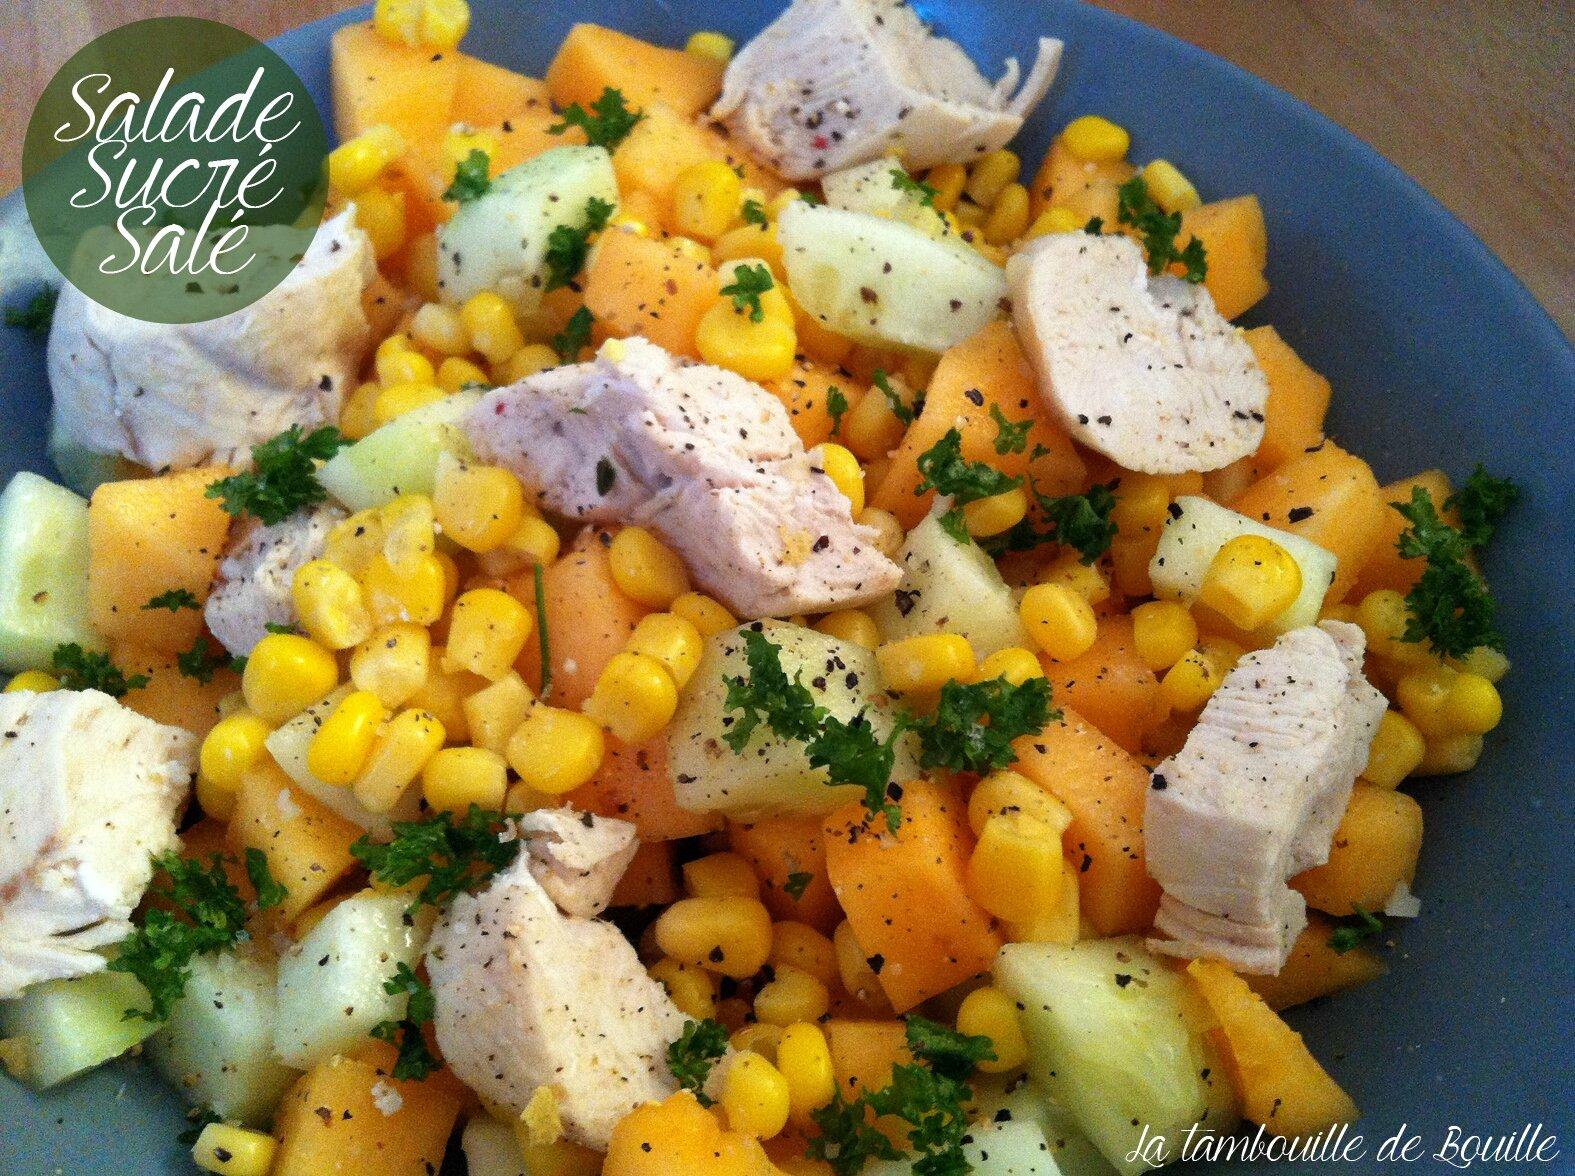 Salade sucré salé, melon et concombre pour avoir encore la tête en vacances